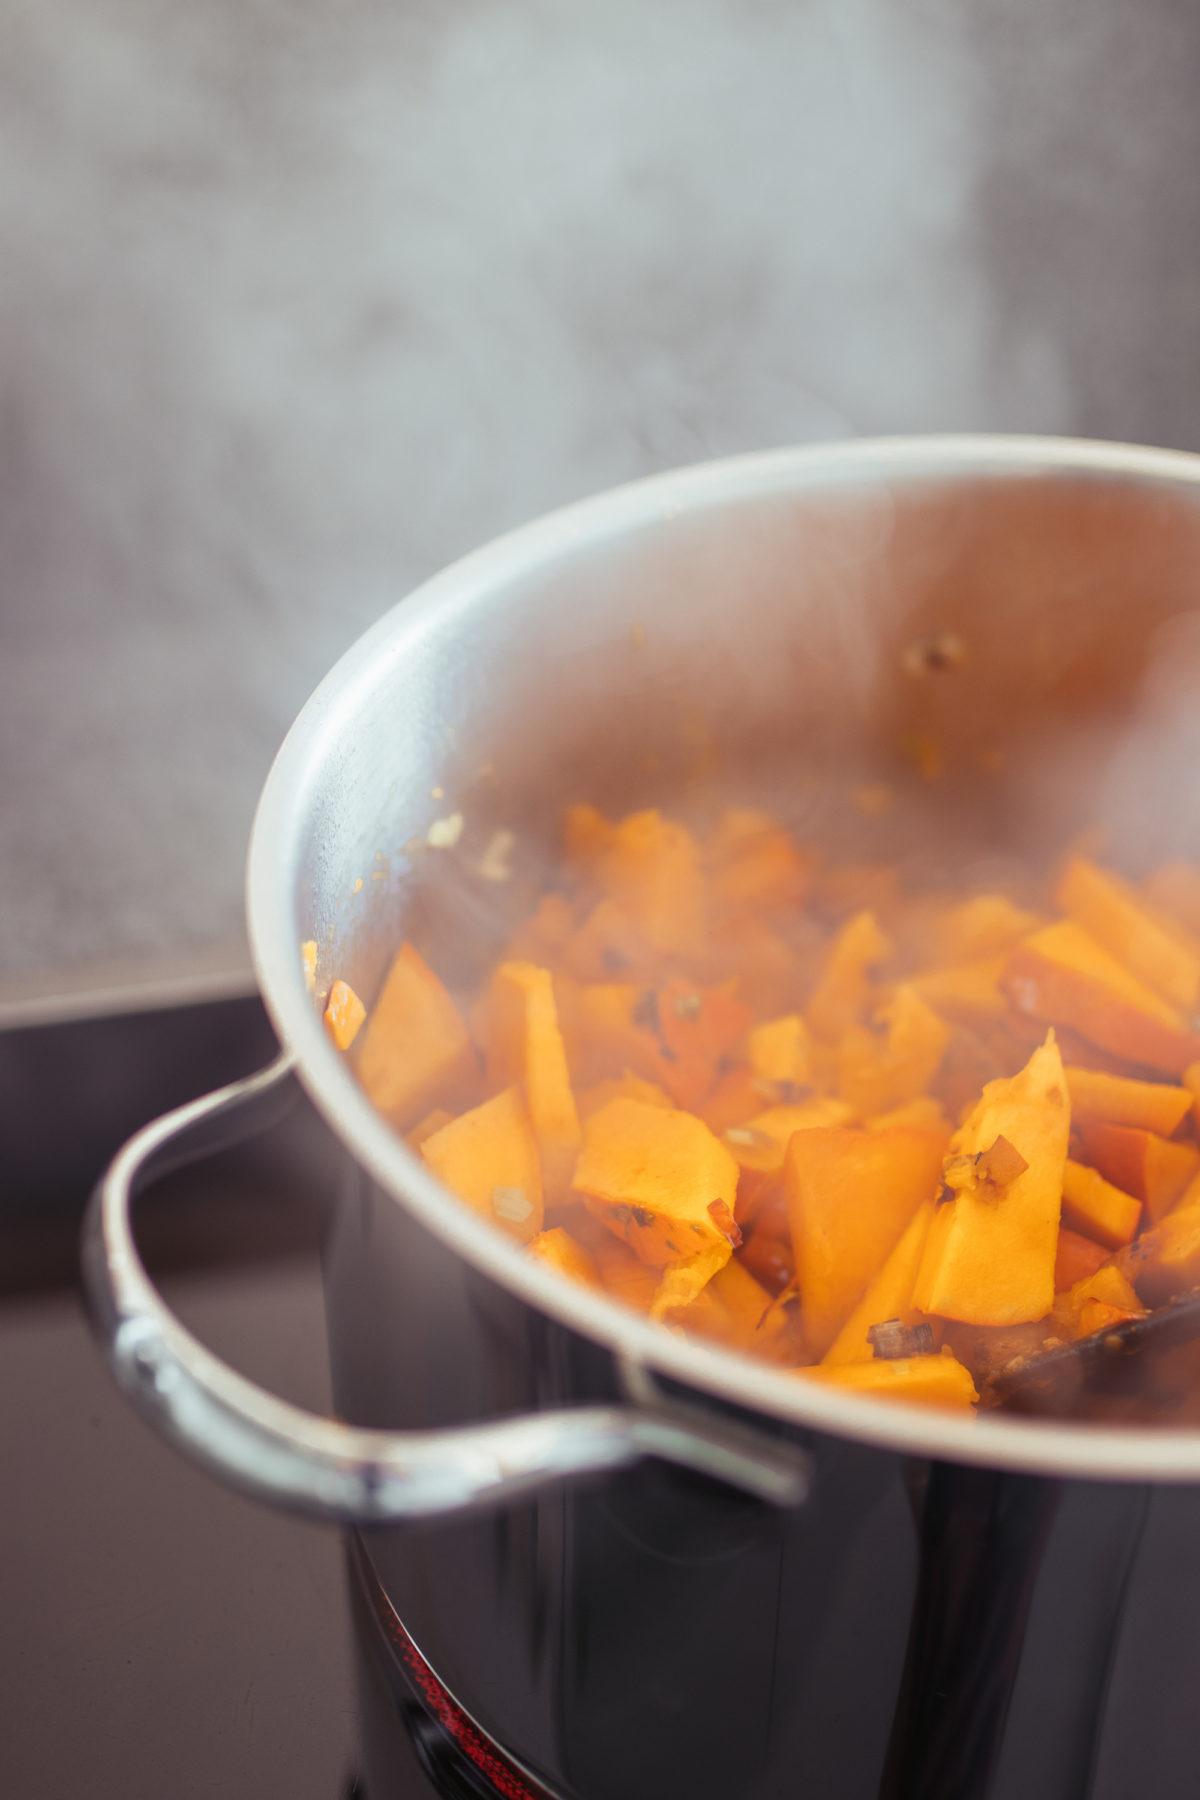 Rezept: Kürbissuppe auf dem österreichischen Lifestyle Blog Bits and Bobs by Eva. Mehr healthy Food auf www.bitsandbobsbyeva.com